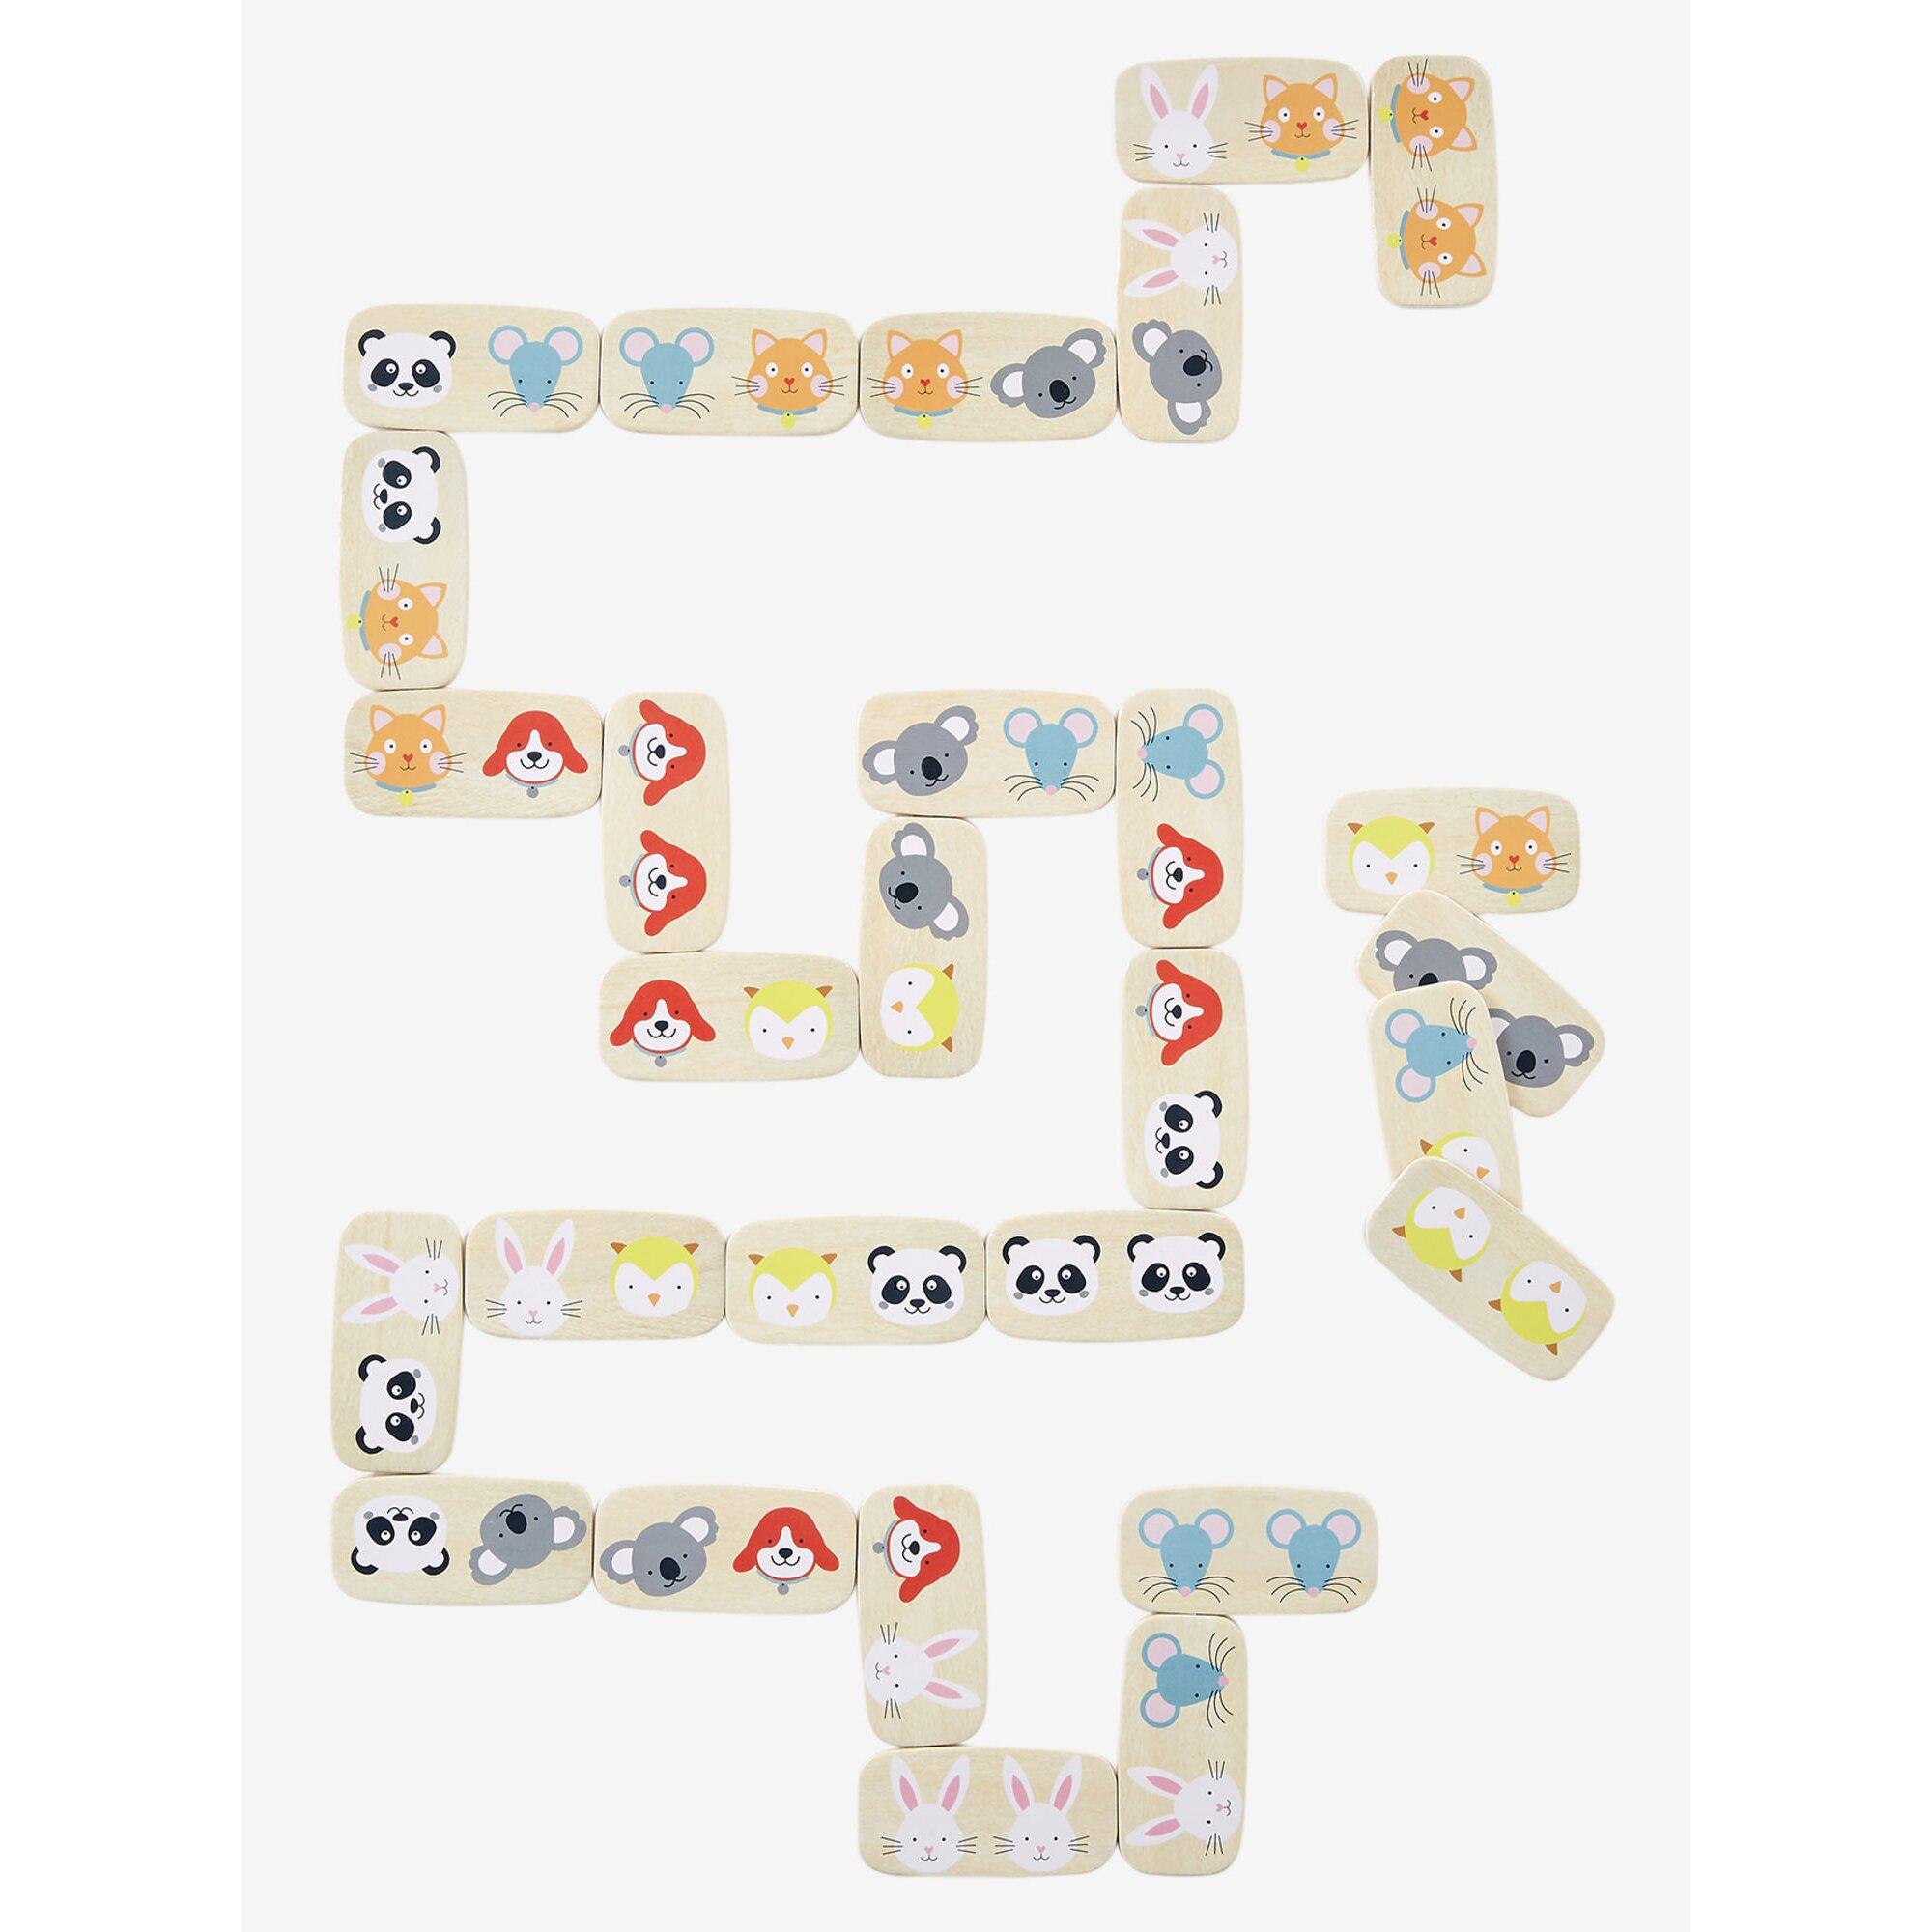 vertbaudet-dominospiel-aus-holz-fur-kinder